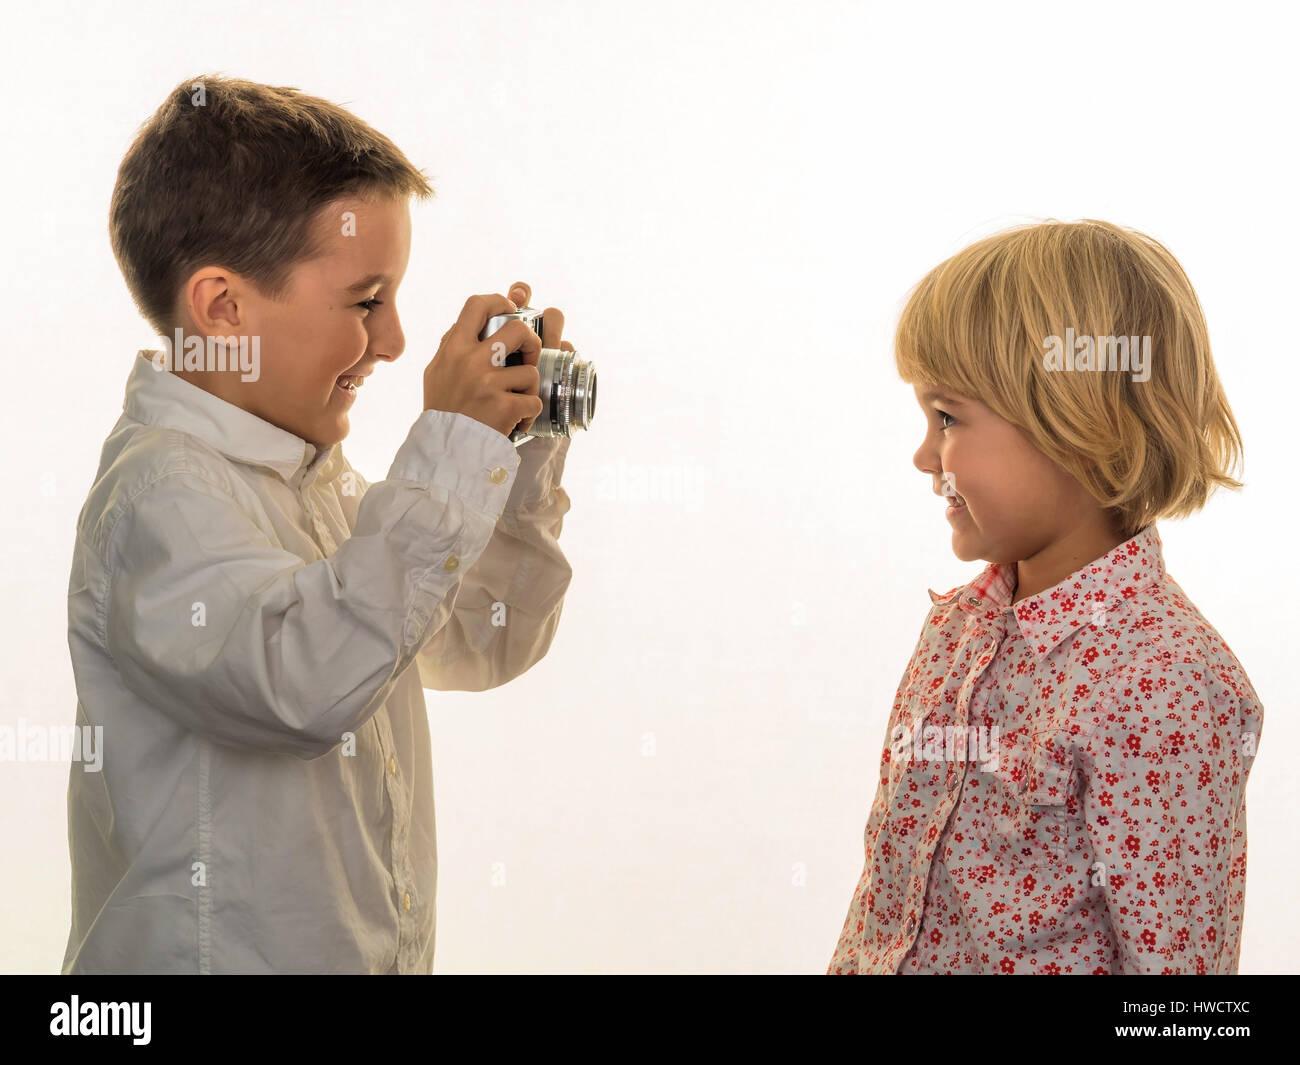 Two children take photos with an old camera., Zwei Kinder fotografieren mit einem alten Fotoapparat. - Stock Image